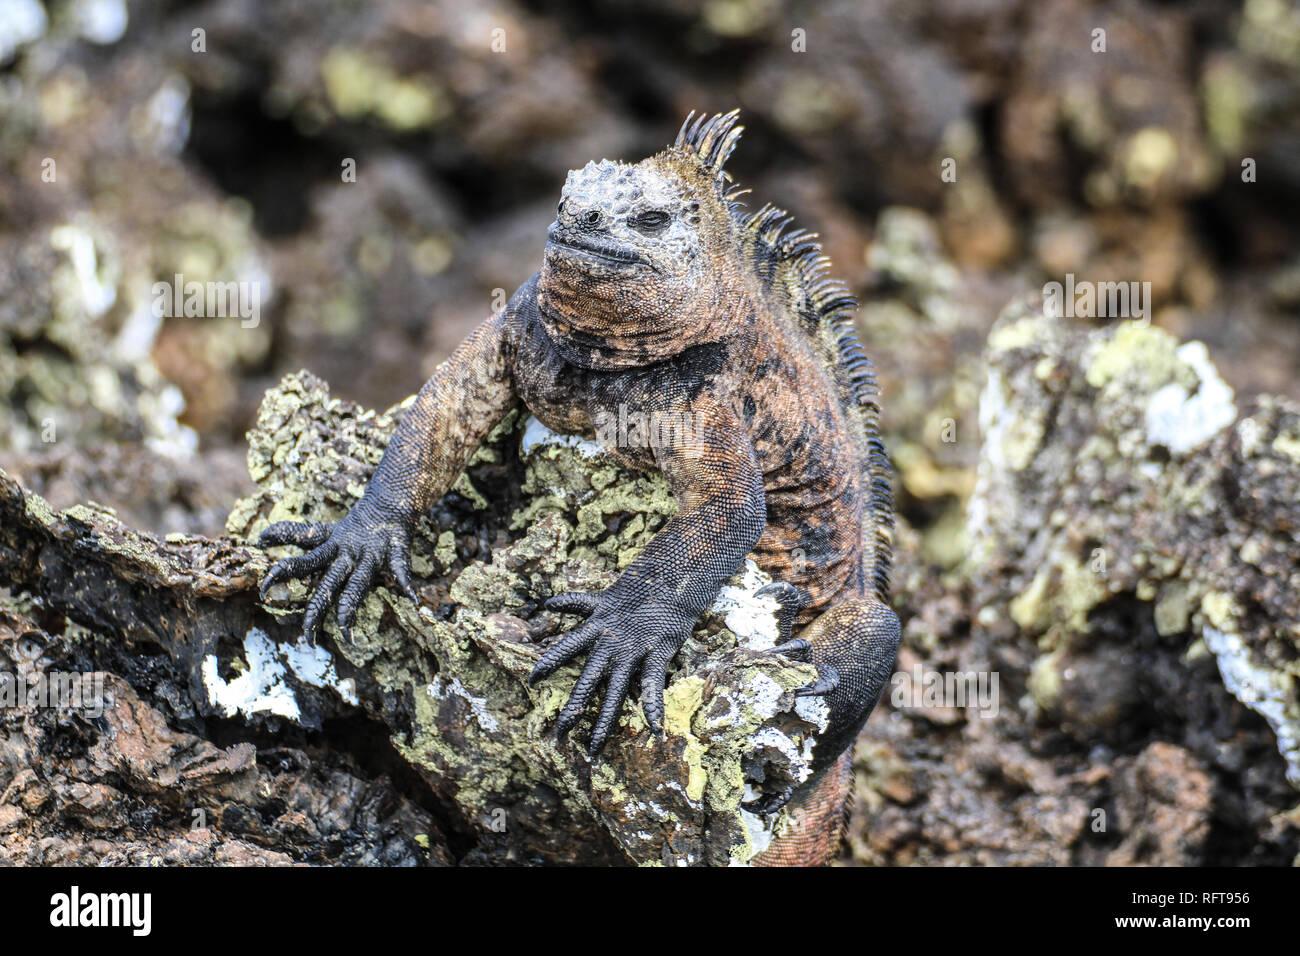 Marina iguana at Galapagos islands, Ecuador - Stock Image